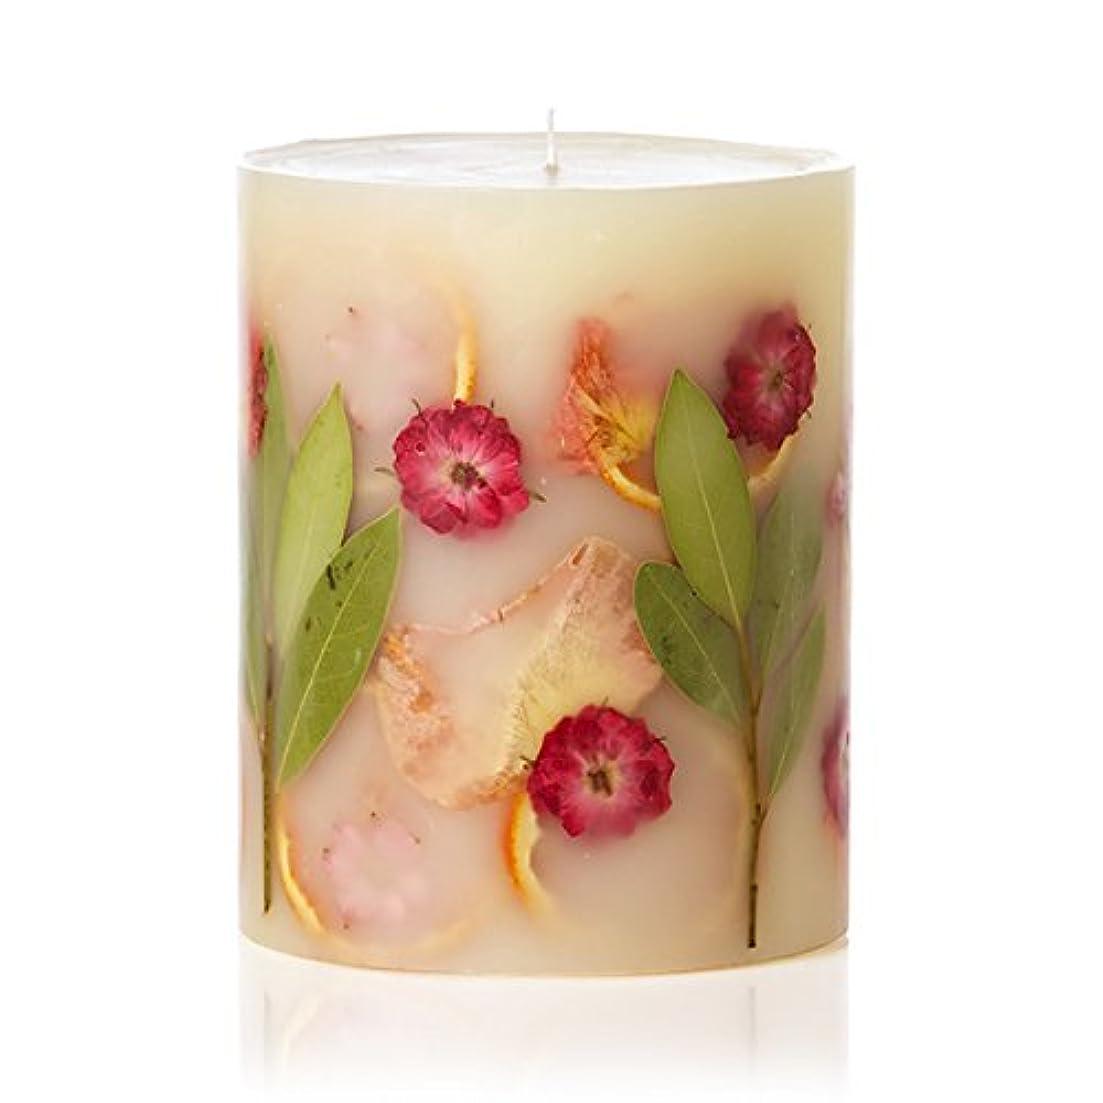 オーガニック刺繍株式ロージーリングス ボタニカルキャンドル トールラウンド ピオニー&ポメロ ROSY RINGS Round Botanical CandleTall Round Peony & Pomelo